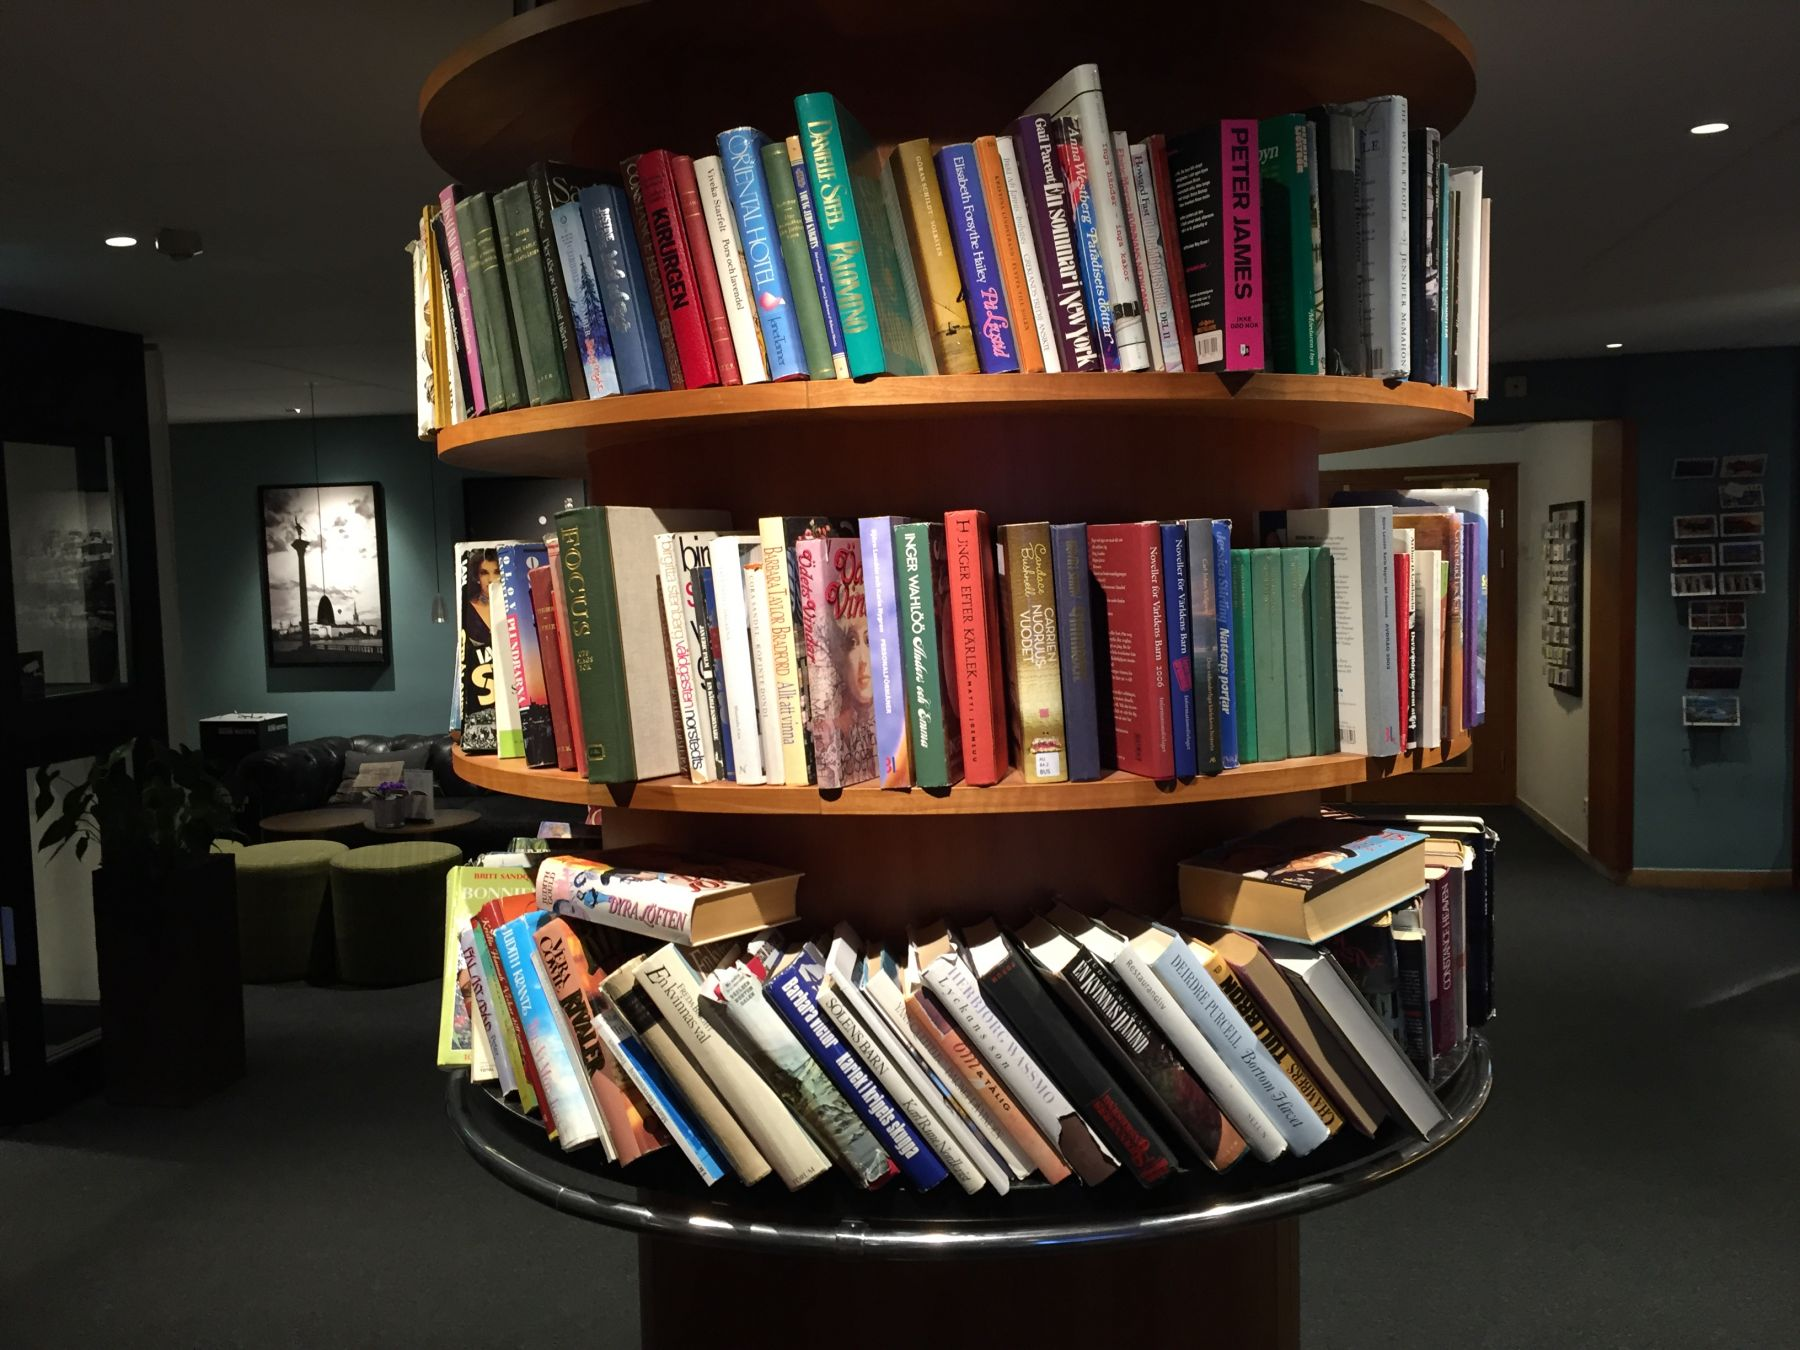 Bøker til gratis utlån i resepsjonen.